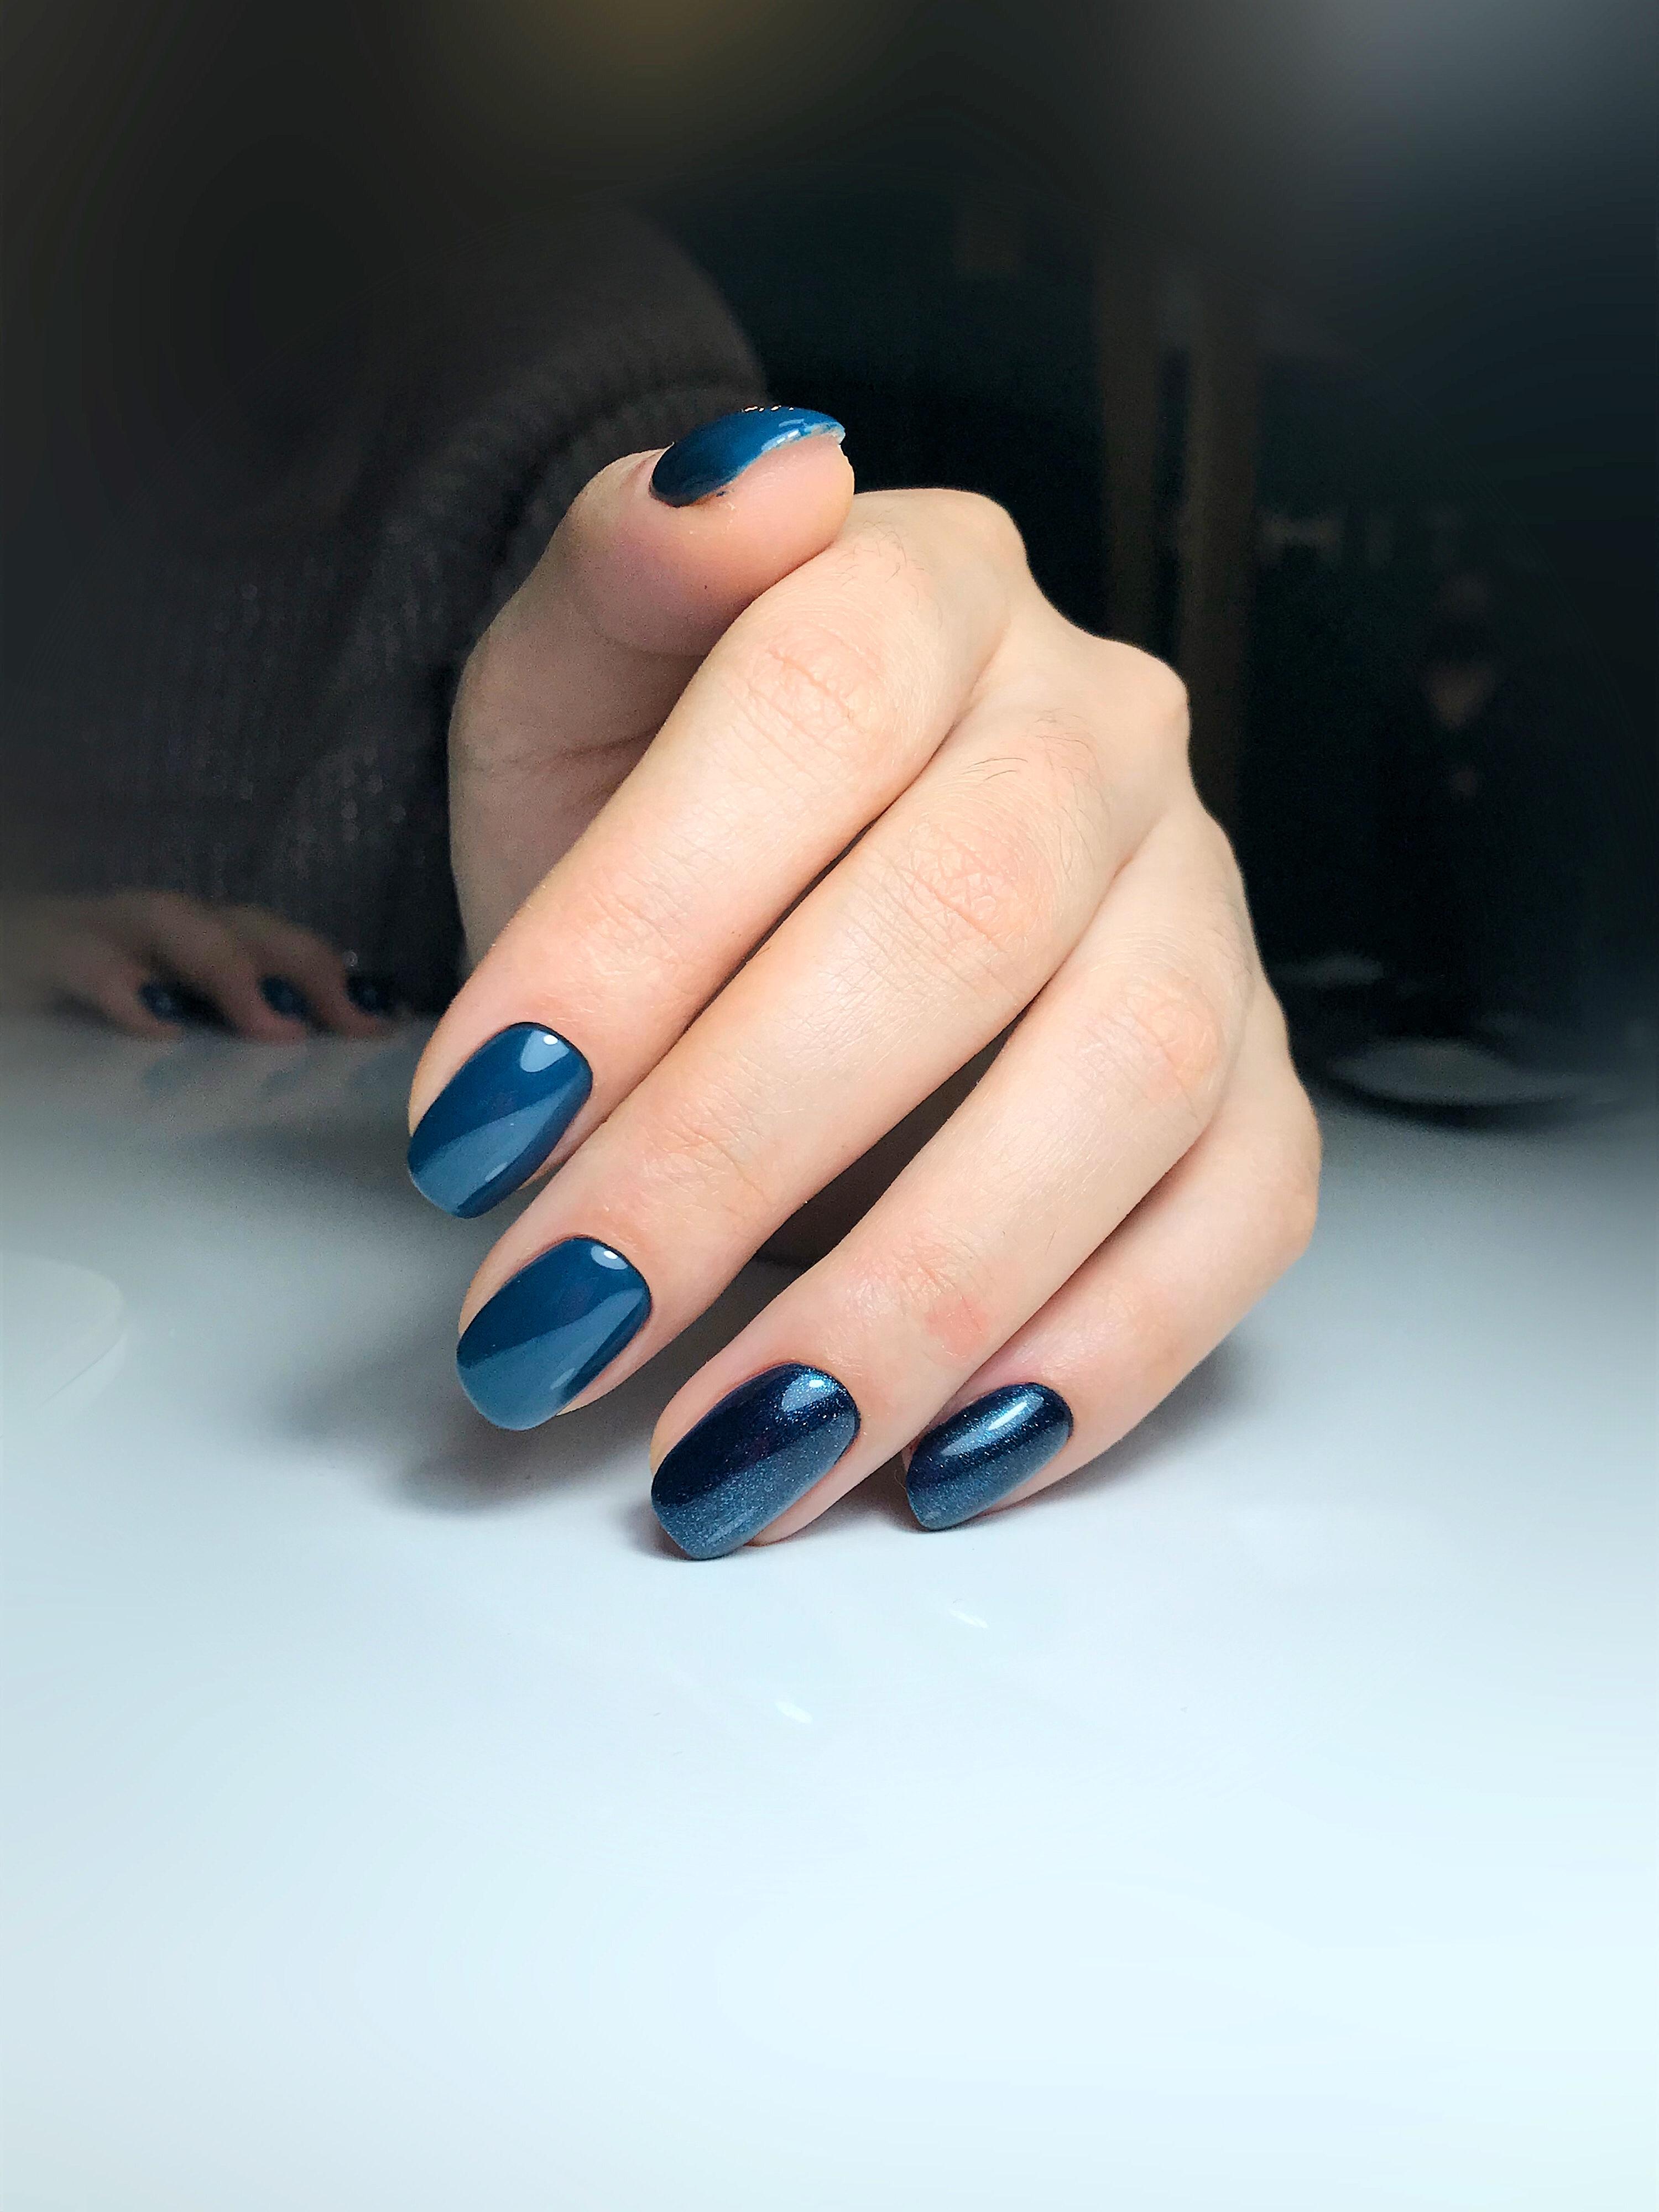 Маникюр в темно-синем цвете.